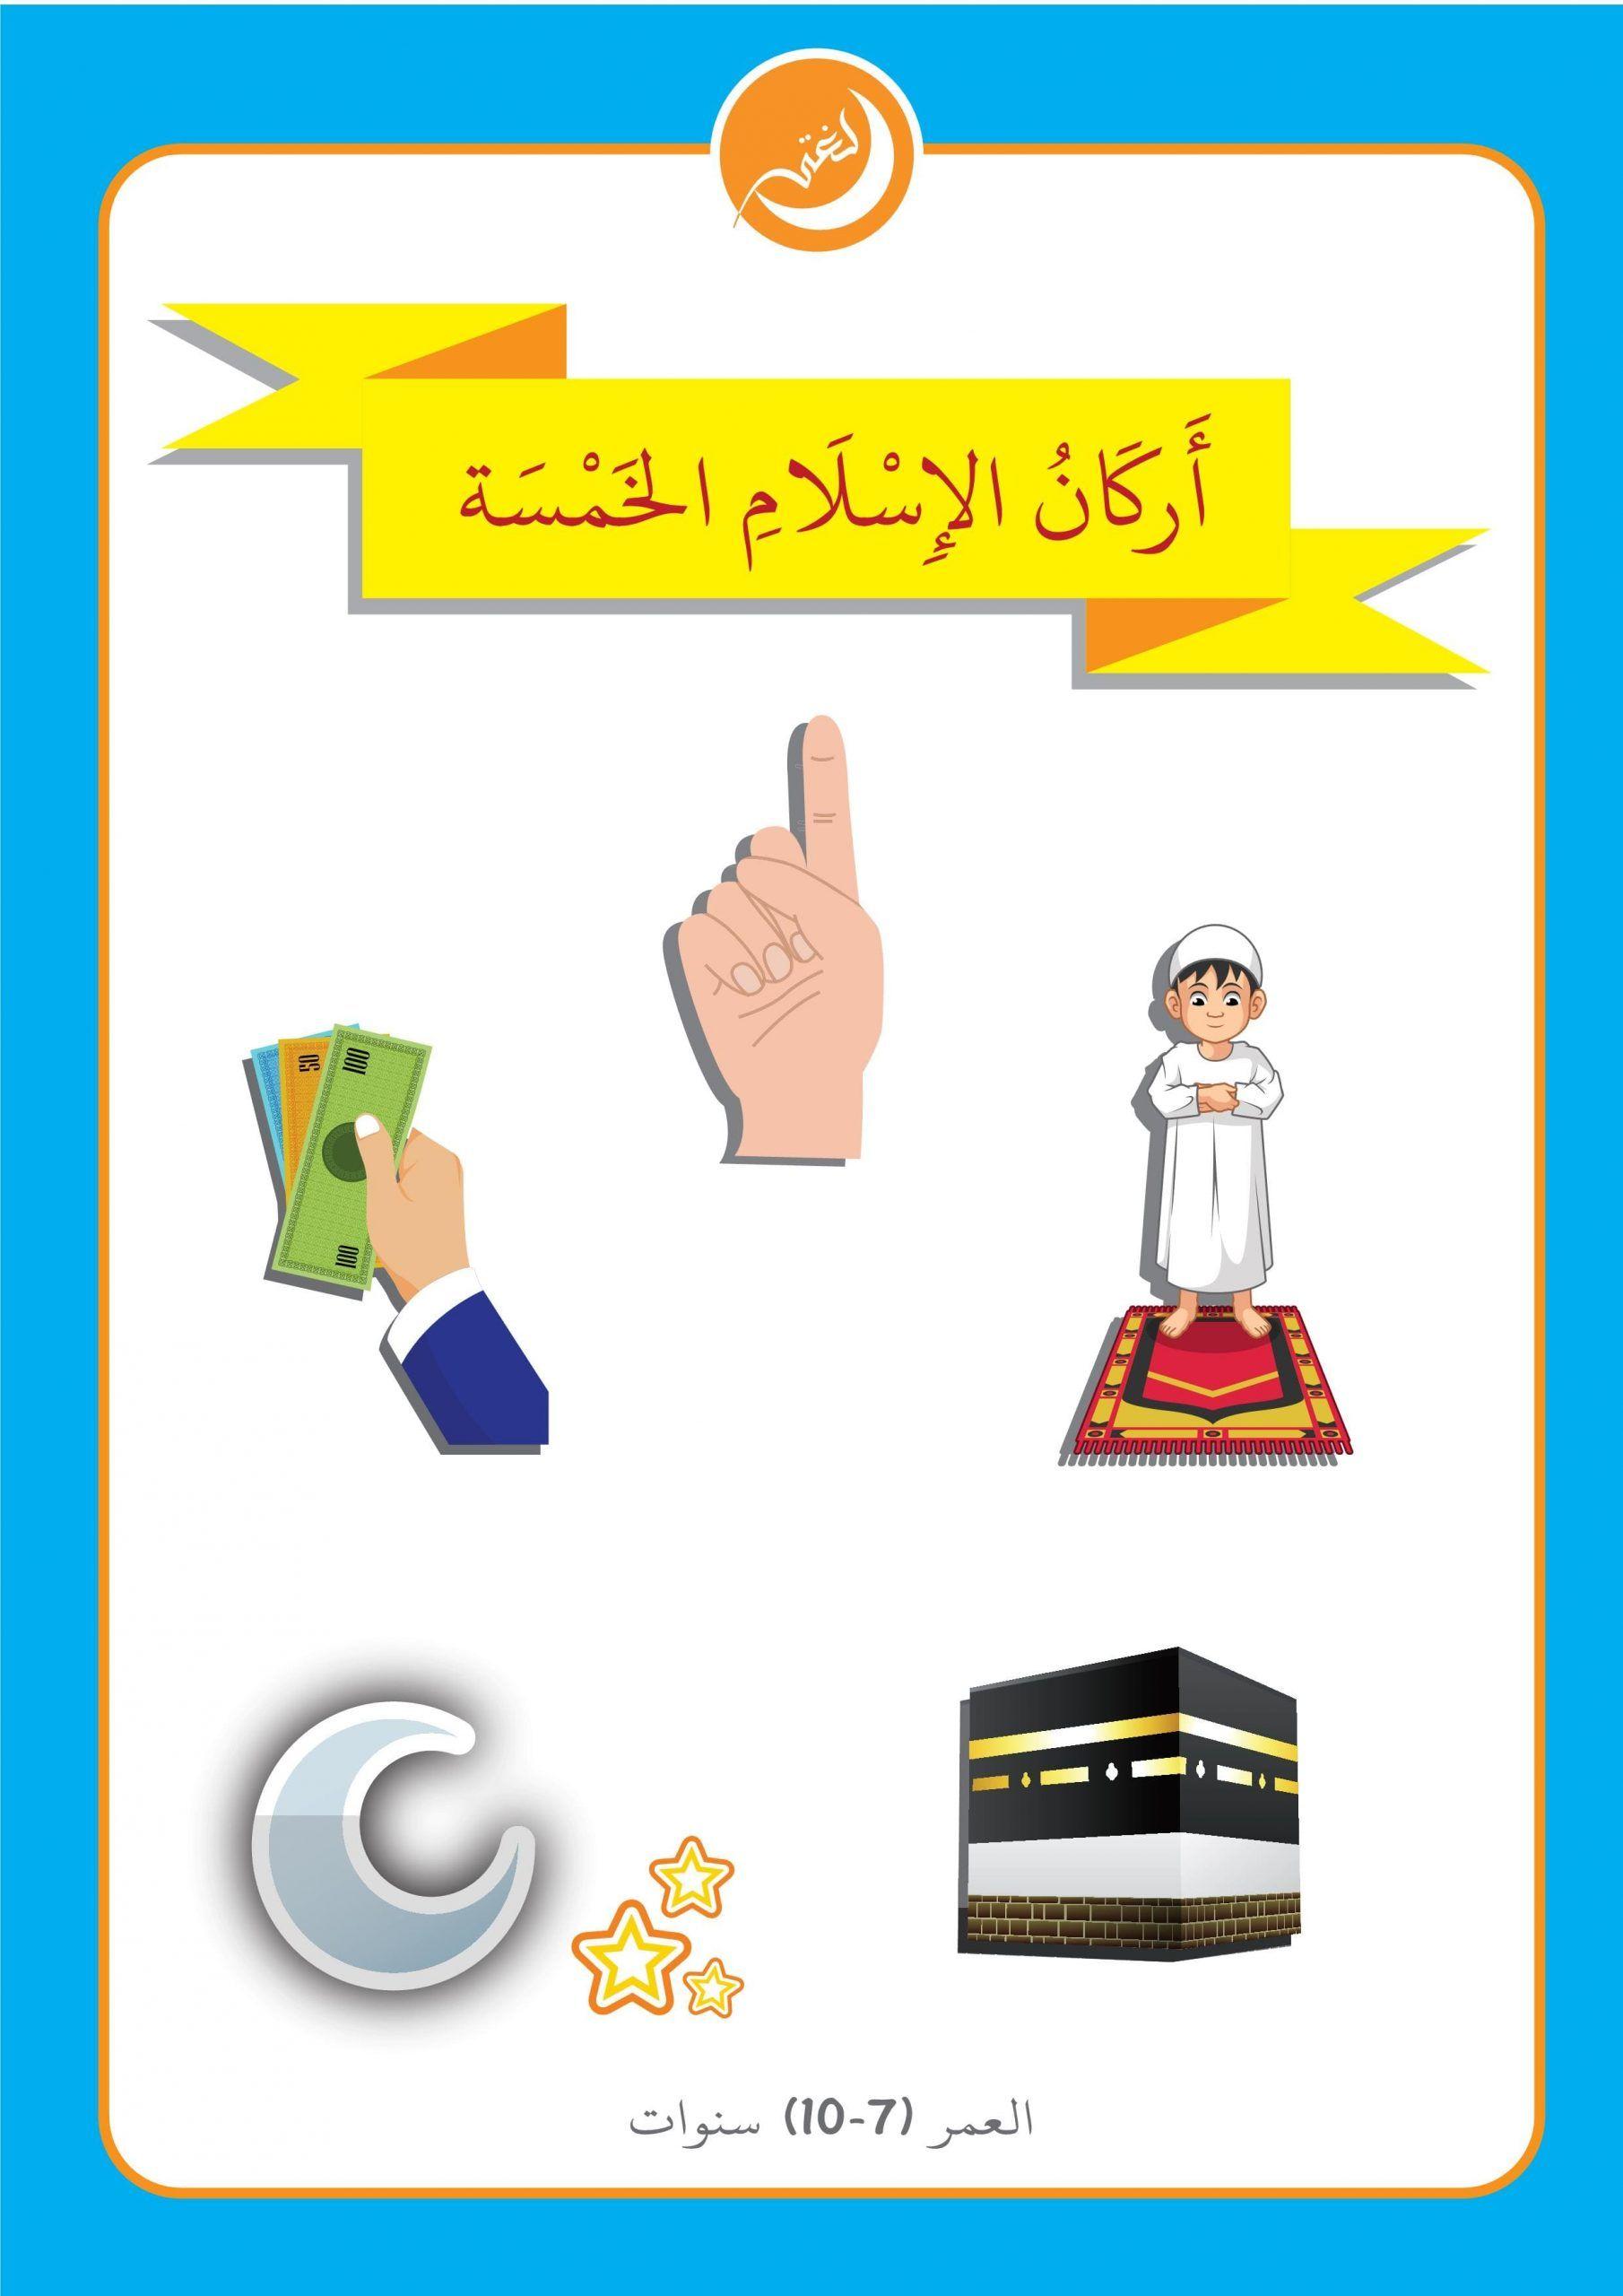 اوراق عمل اركان الاسلام الخمسة لتعليم الاطفال مميزة Learning Arabic Art For Kids Kids